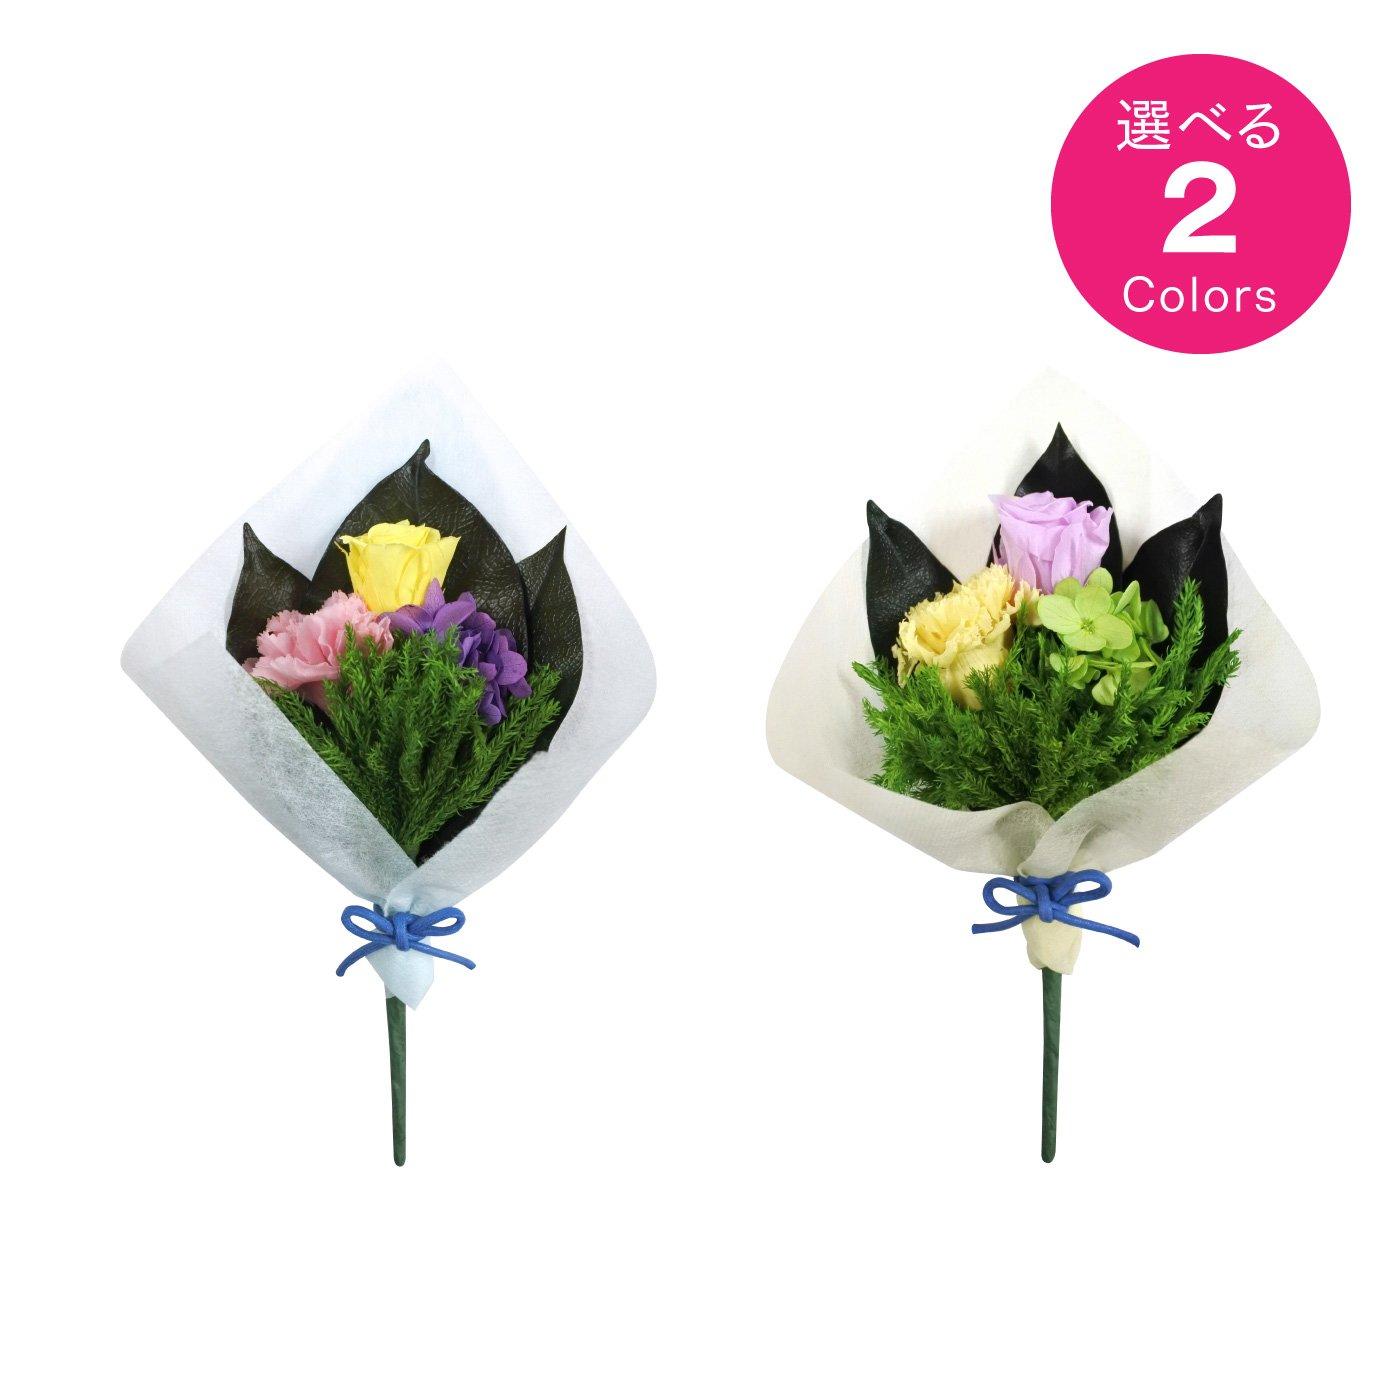 【特急便】お仏壇に色華やかなお供え プリザーブド仏花 ほのか カーネーション